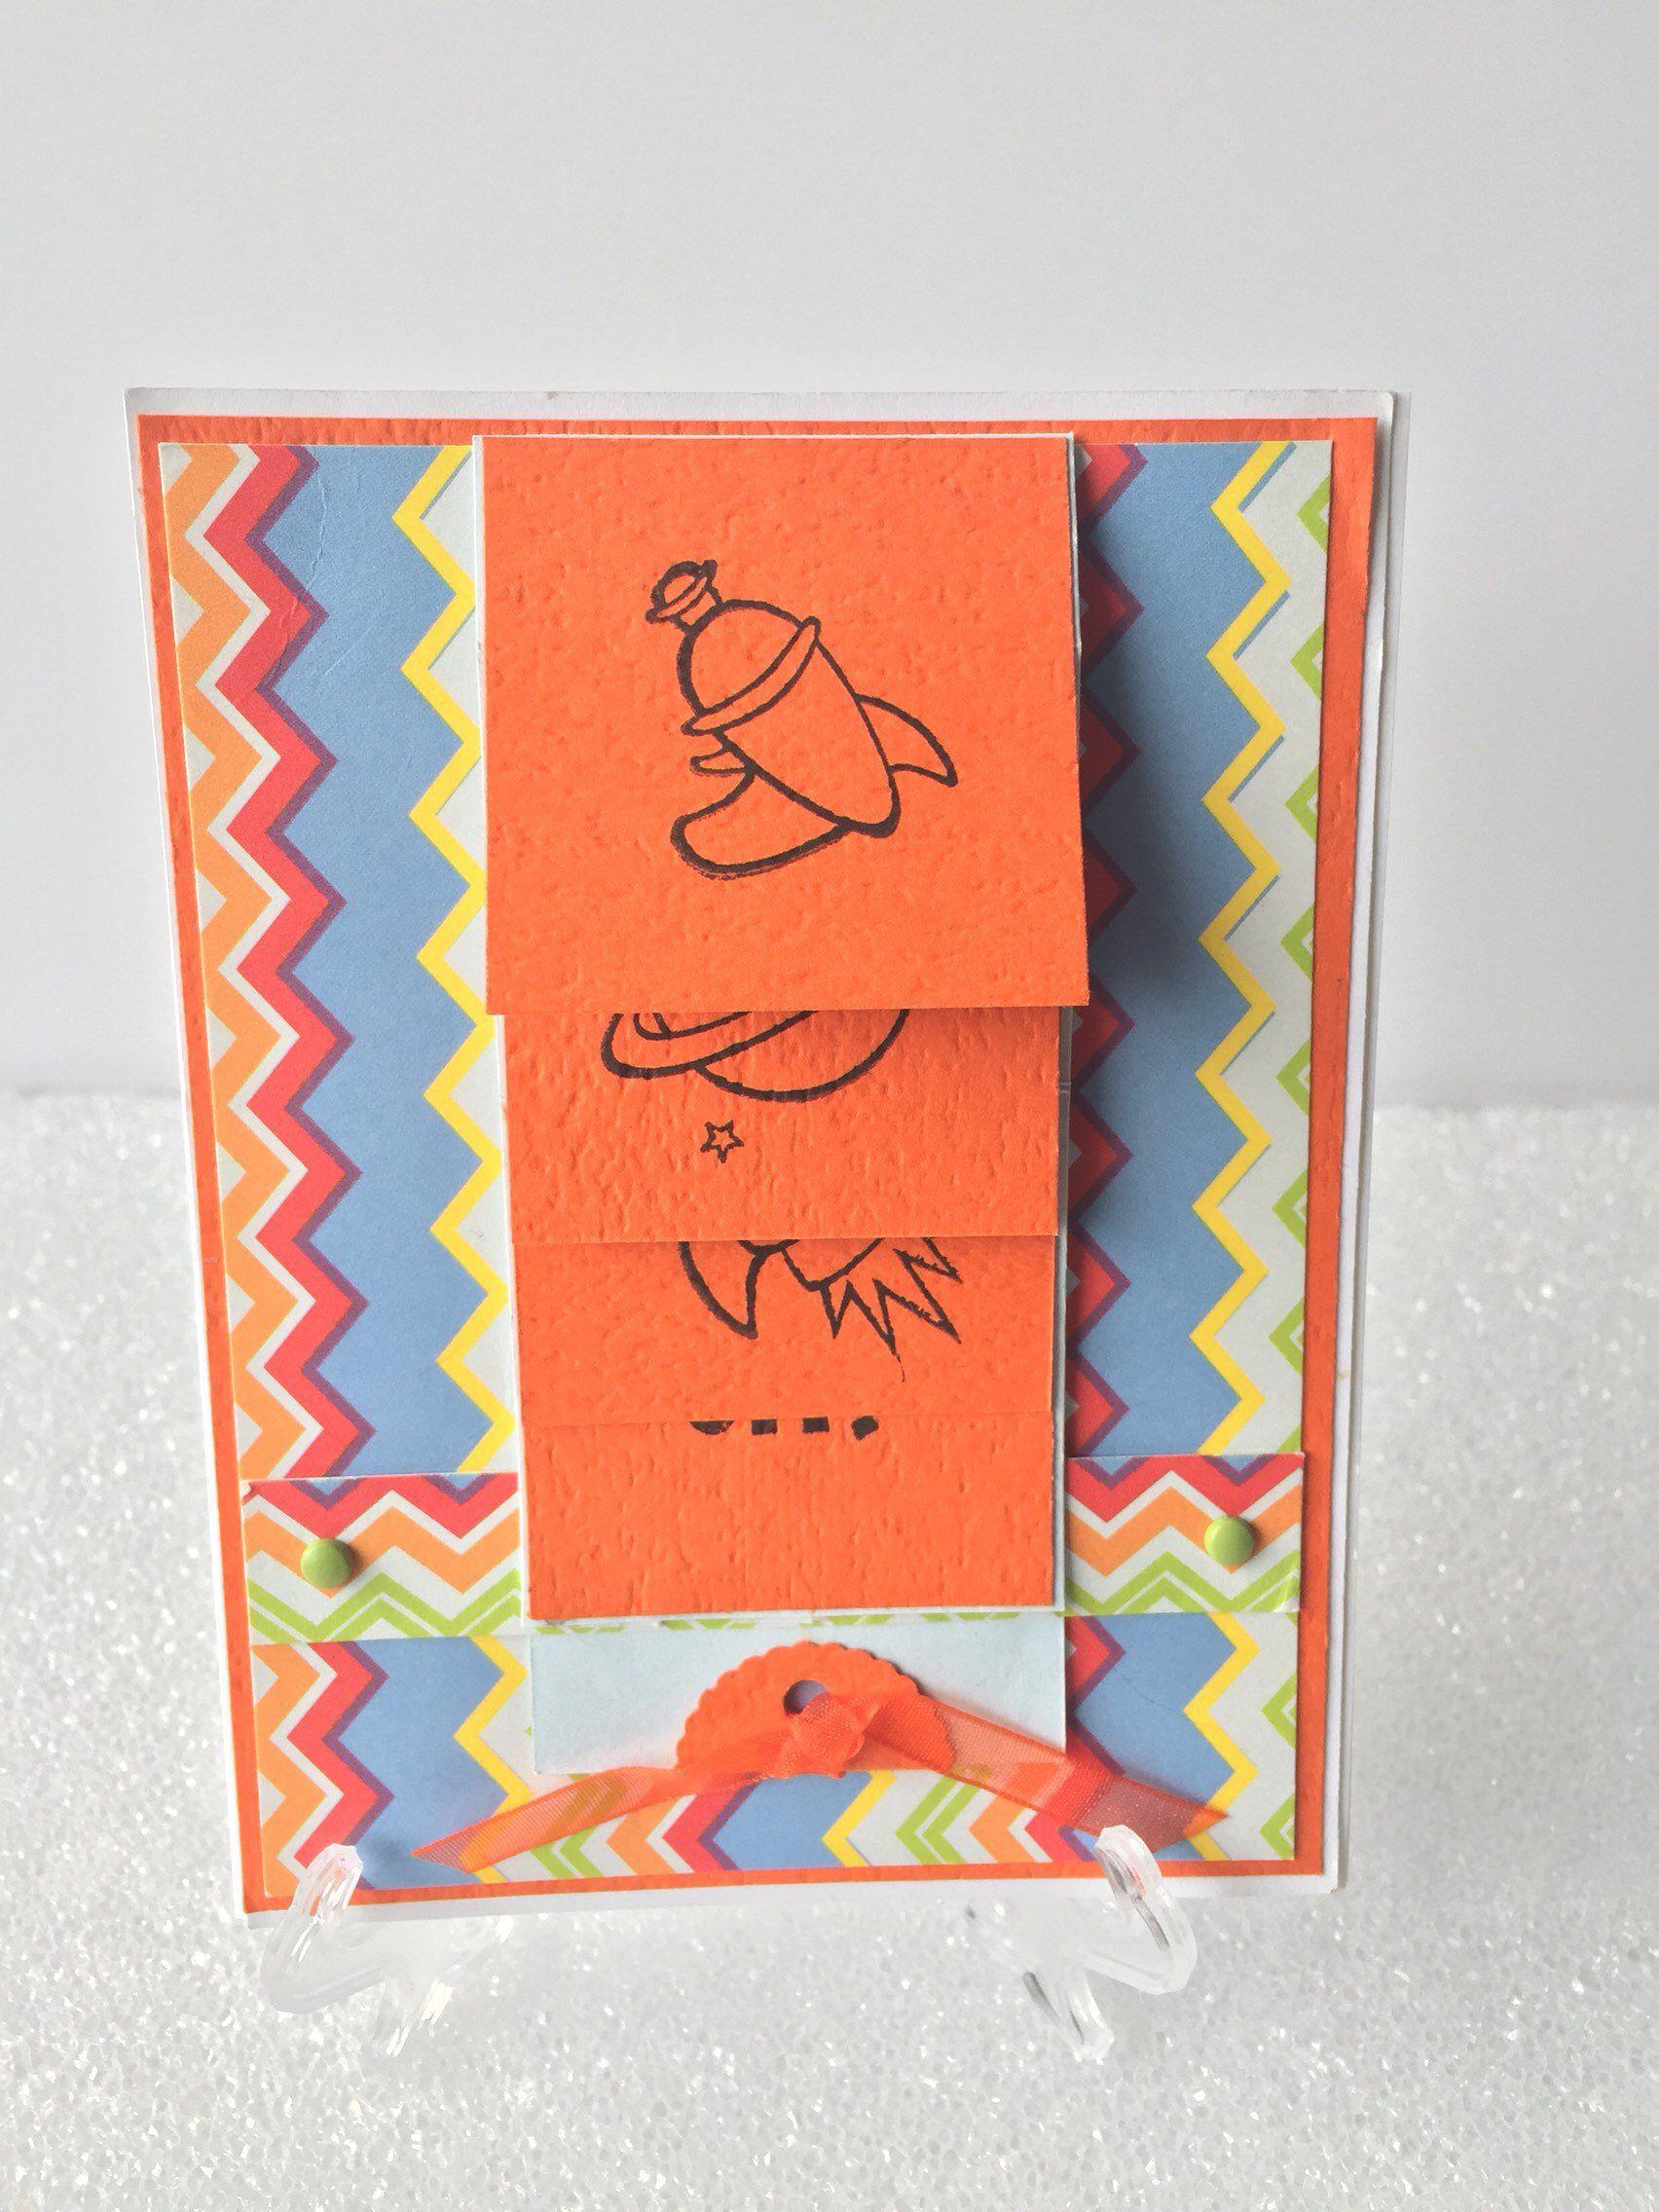 Handmade waterfall interactive birthday greeting card child handmade waterfall interactive birthday greeting card child birthday cardgreeting cardcards m4hsunfo